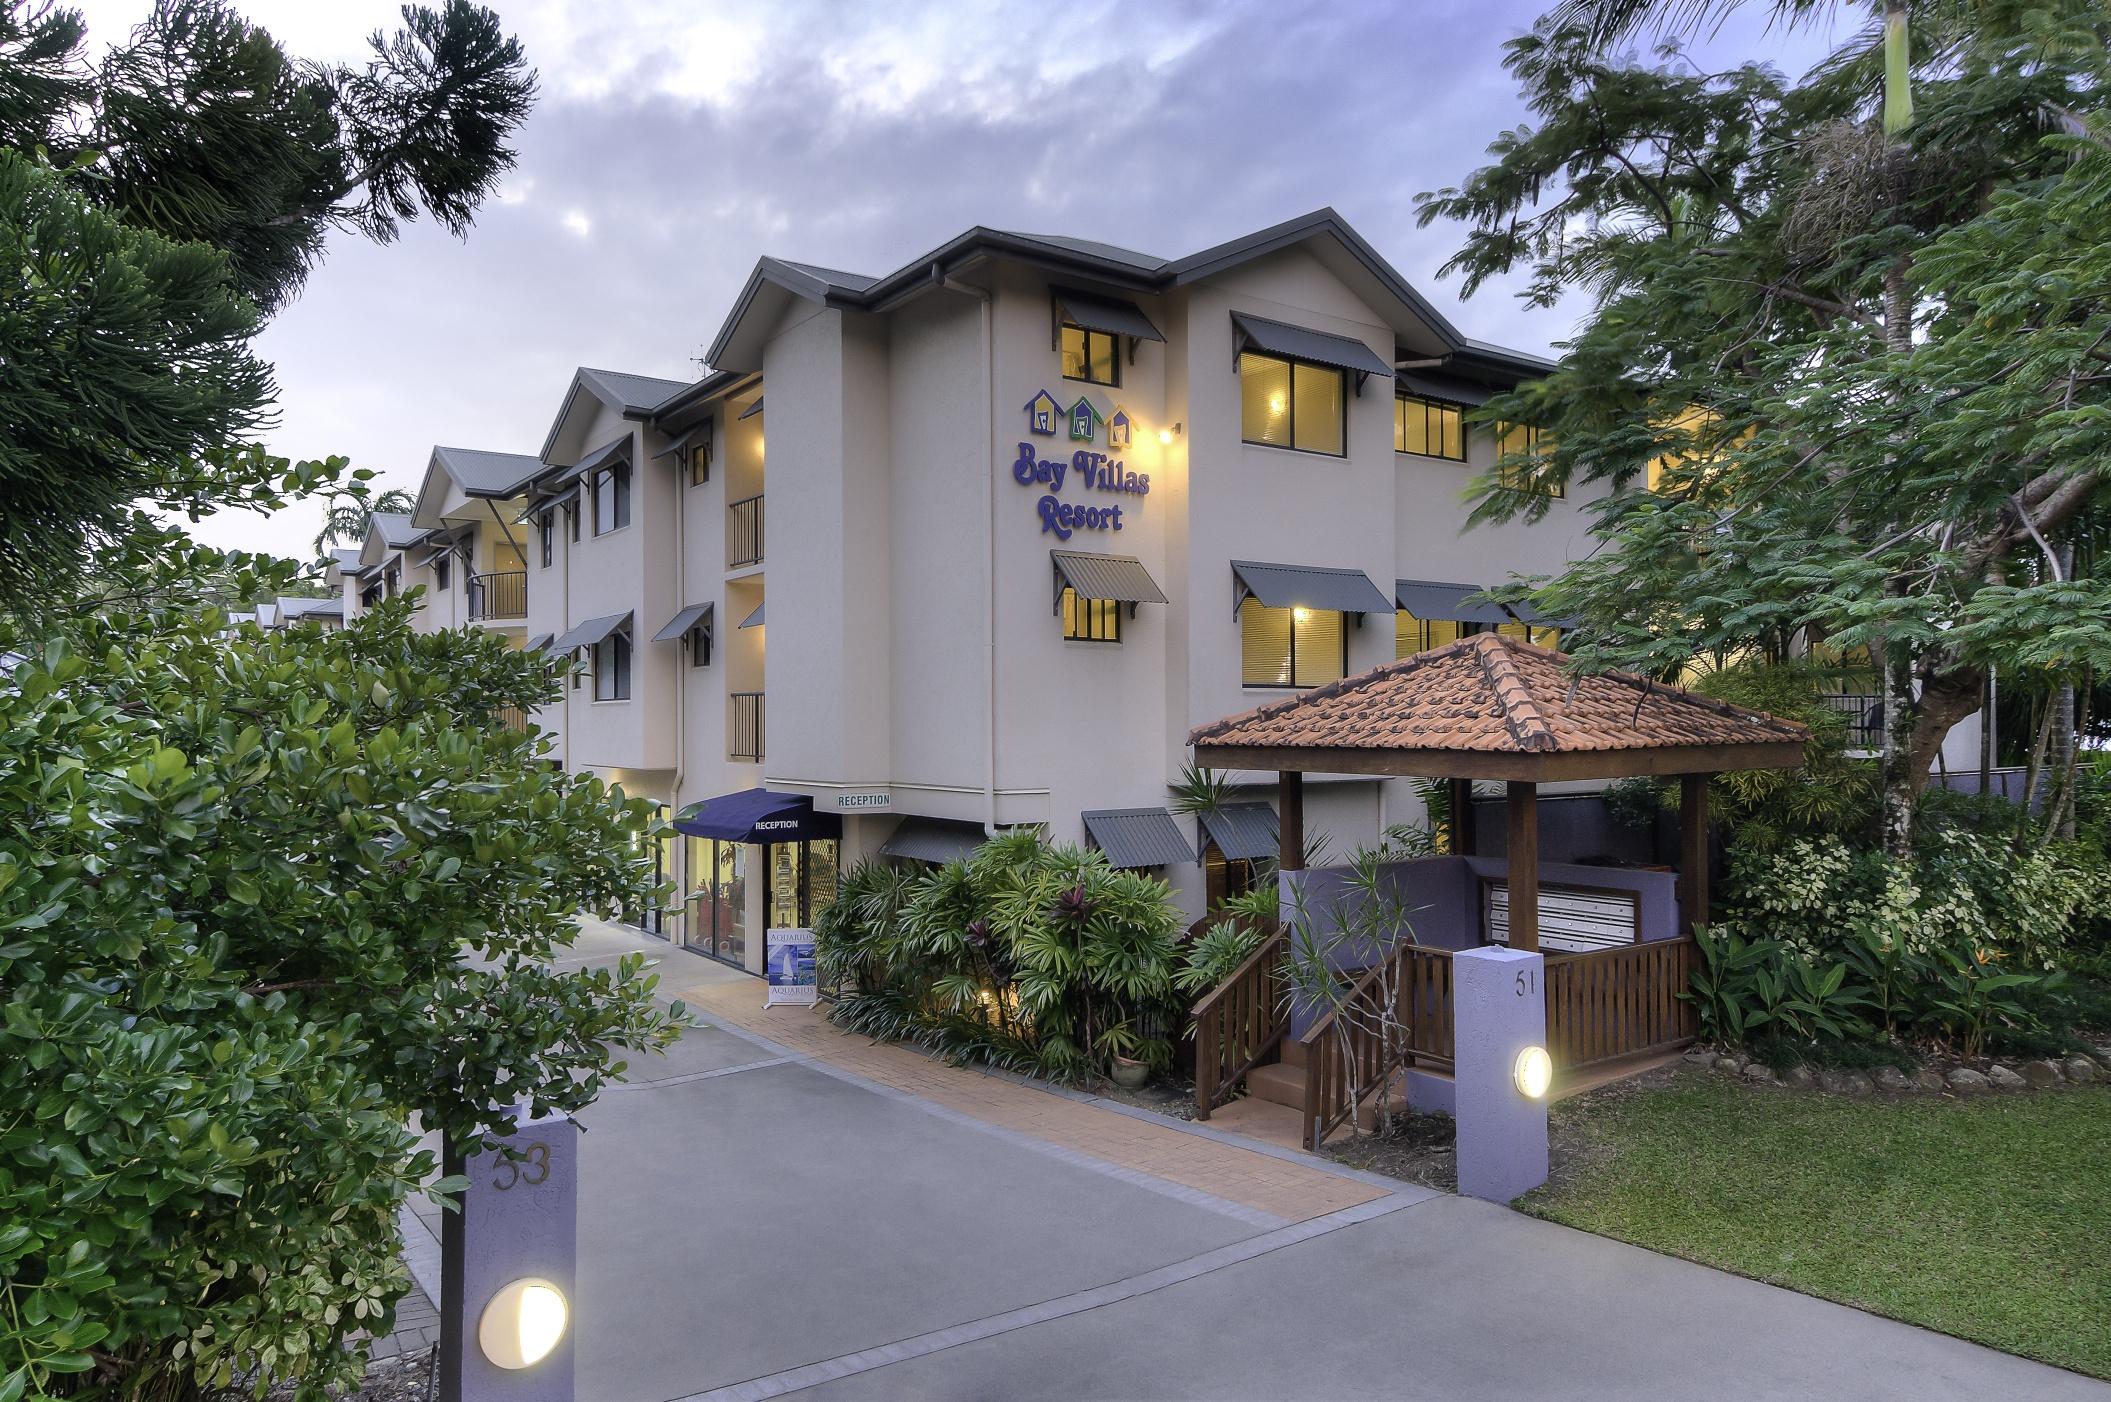 Bay Villas Resort Port Douglas